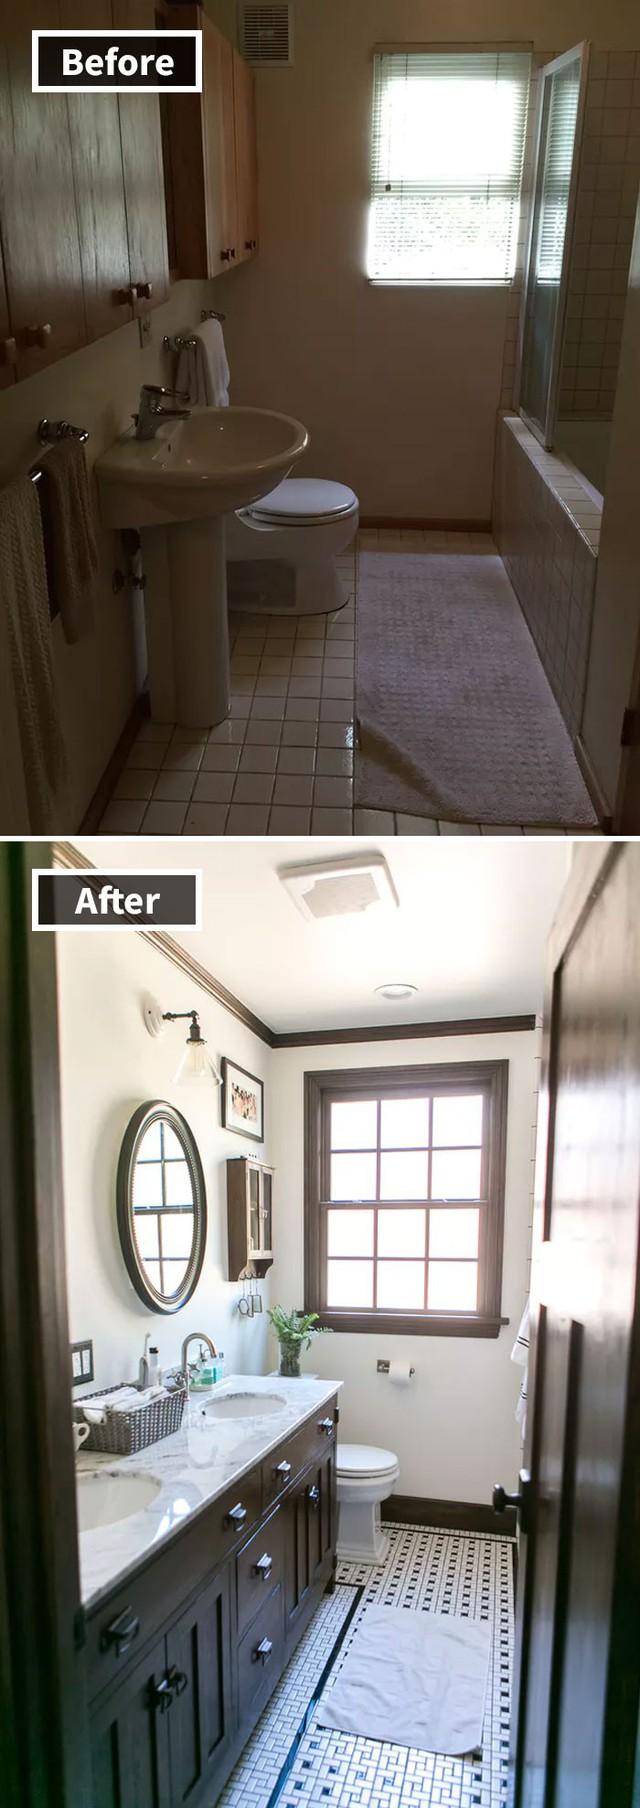 Những hình ảnh trước và sau khi phòng cũ được phù phép thành phòng mới khiến quý khách chẳng thể tin vào mắt mình - Ảnh 18.